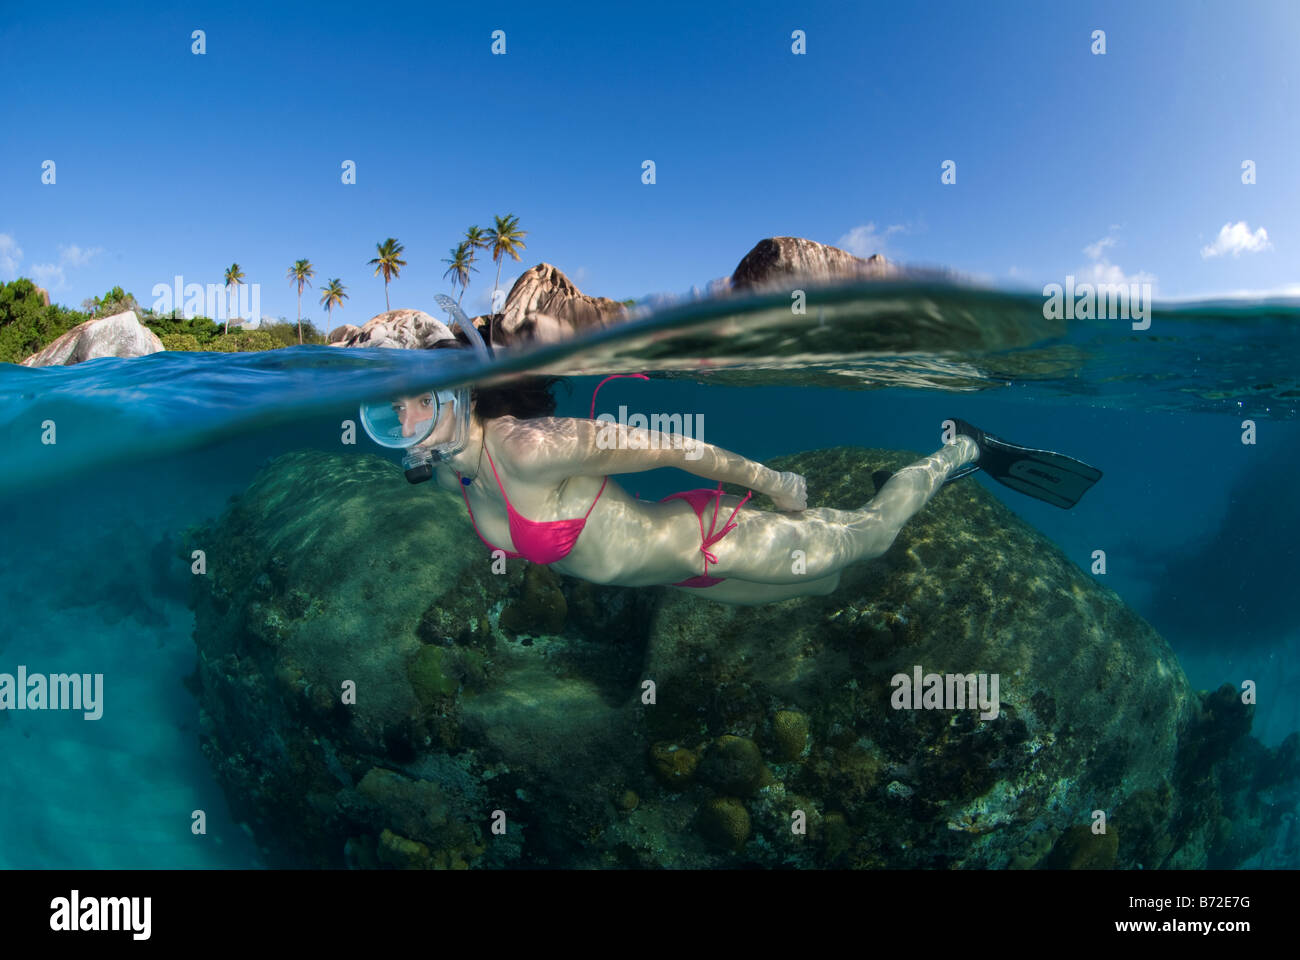 Schnorcheln in Bäder Strand, Britische Jungferninseln, weibliche Taucher, ovale Maske, Bikini, blaues Wasser, klares Stockfoto